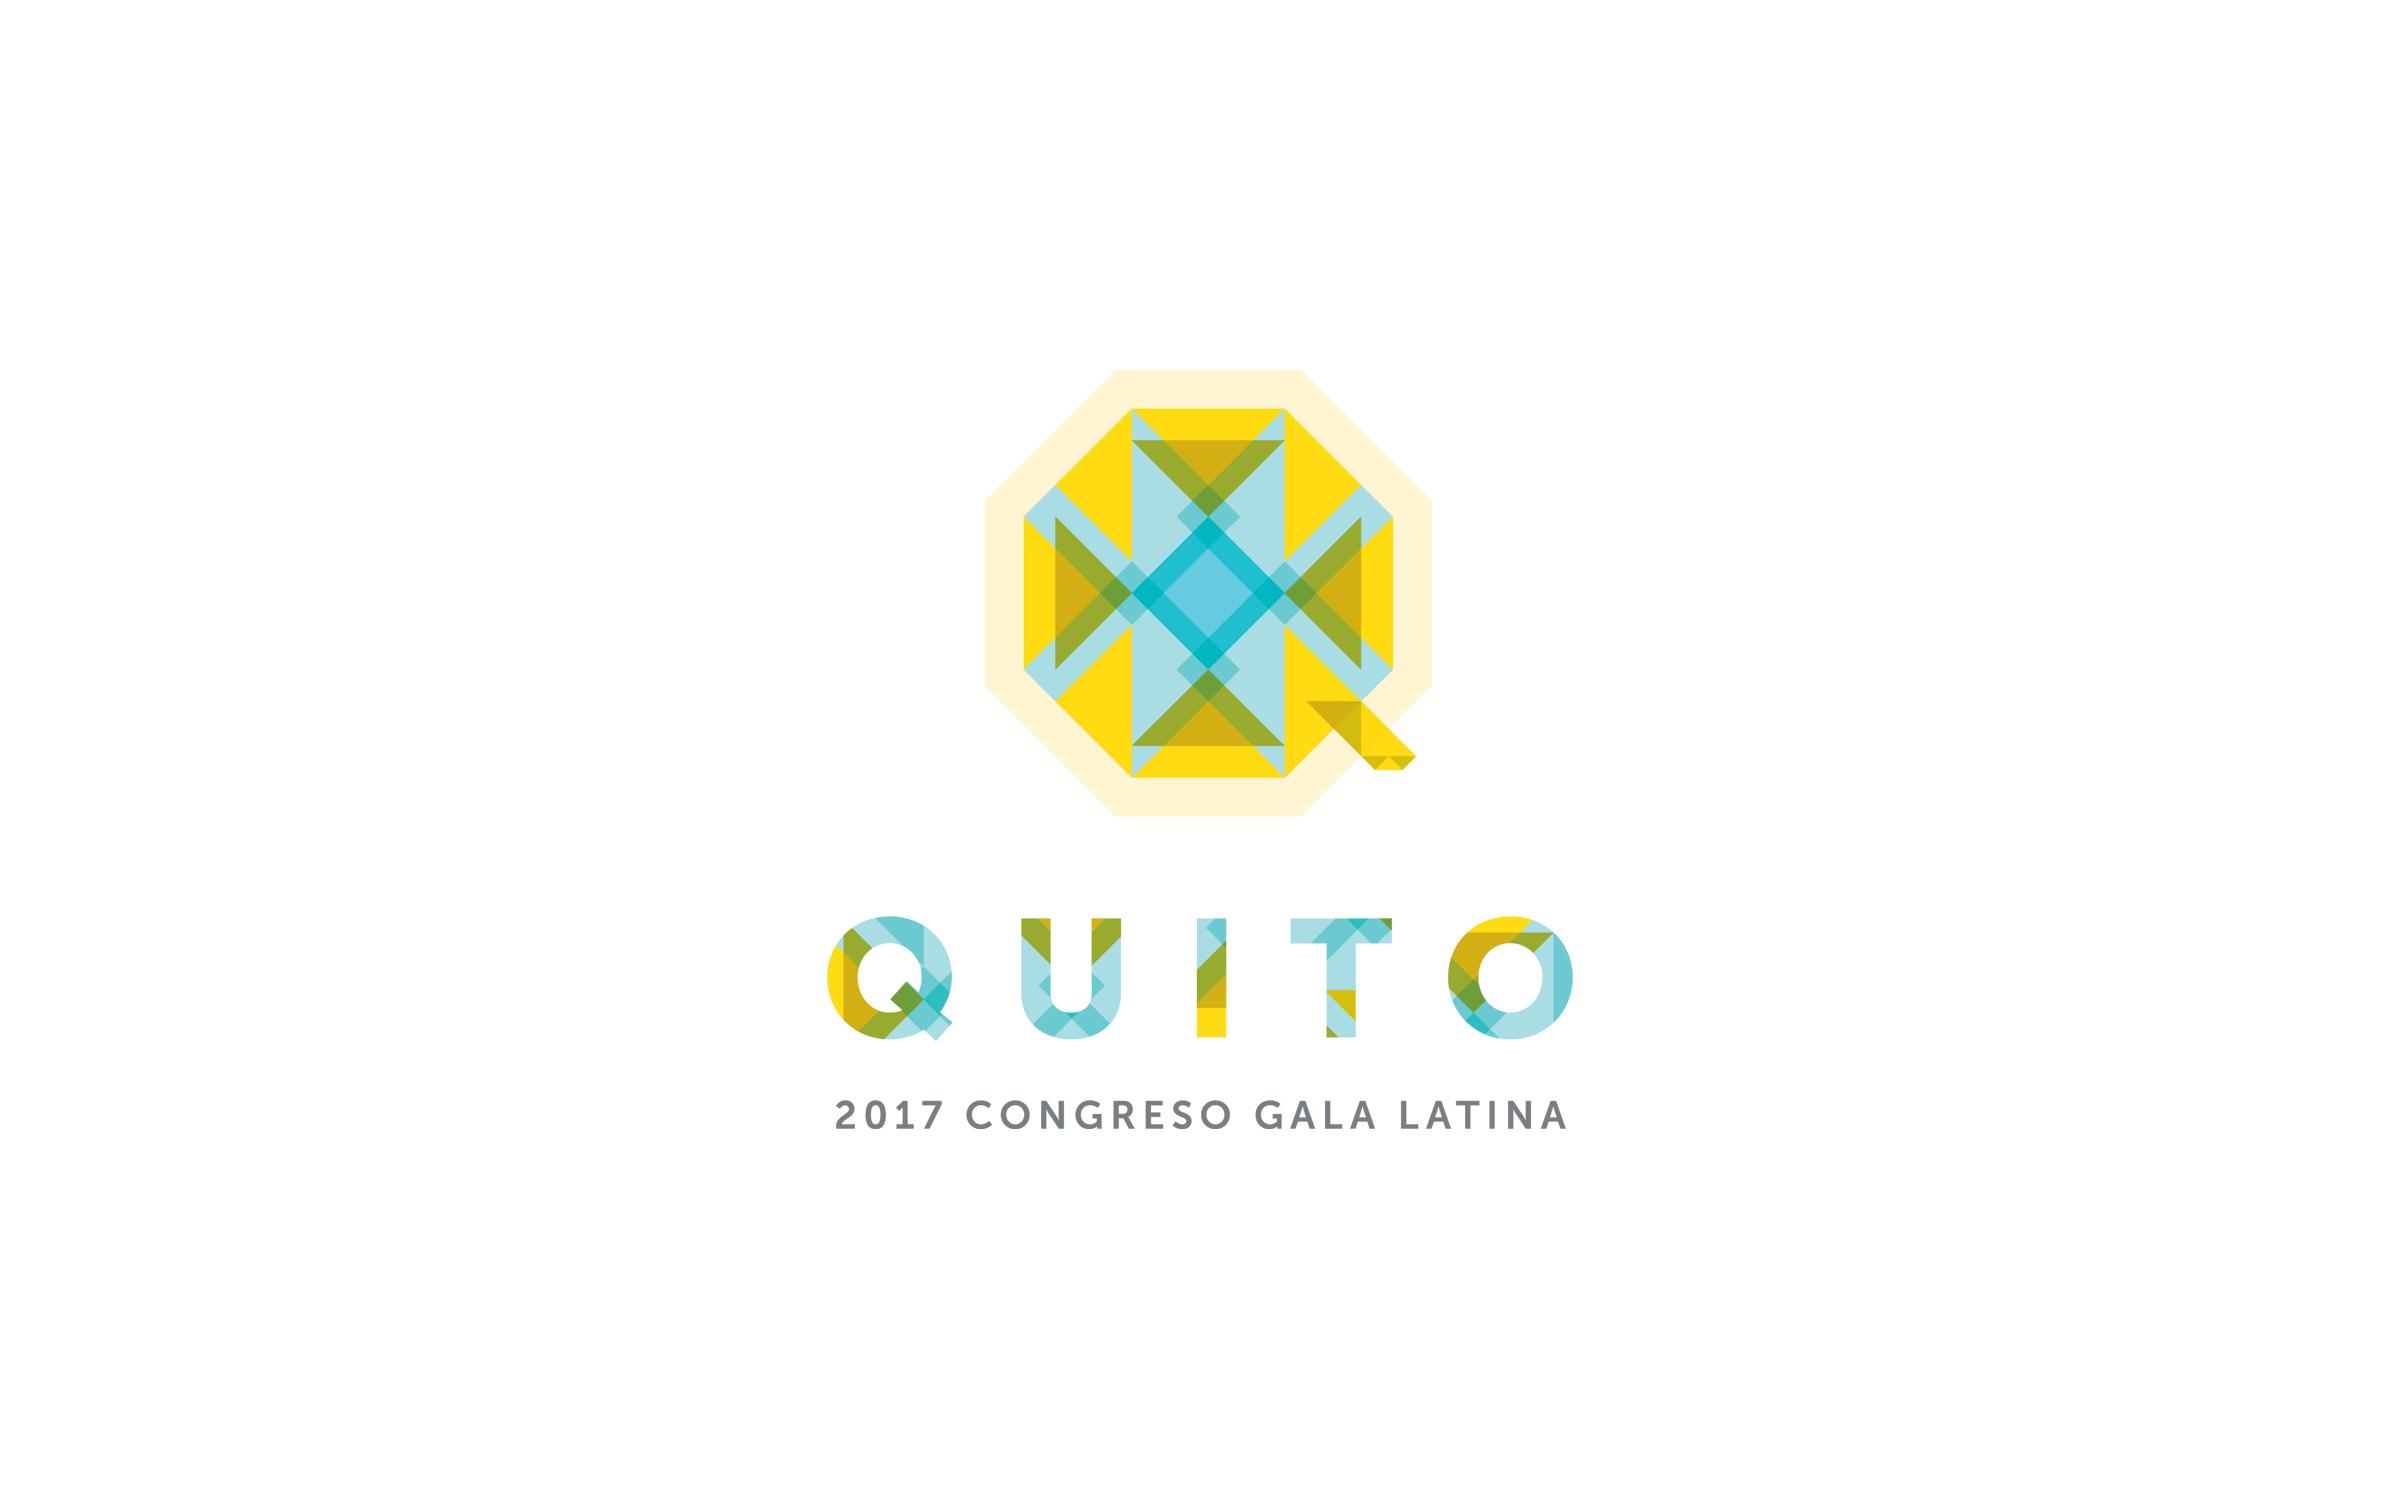 Congreso Quito Gala Logo